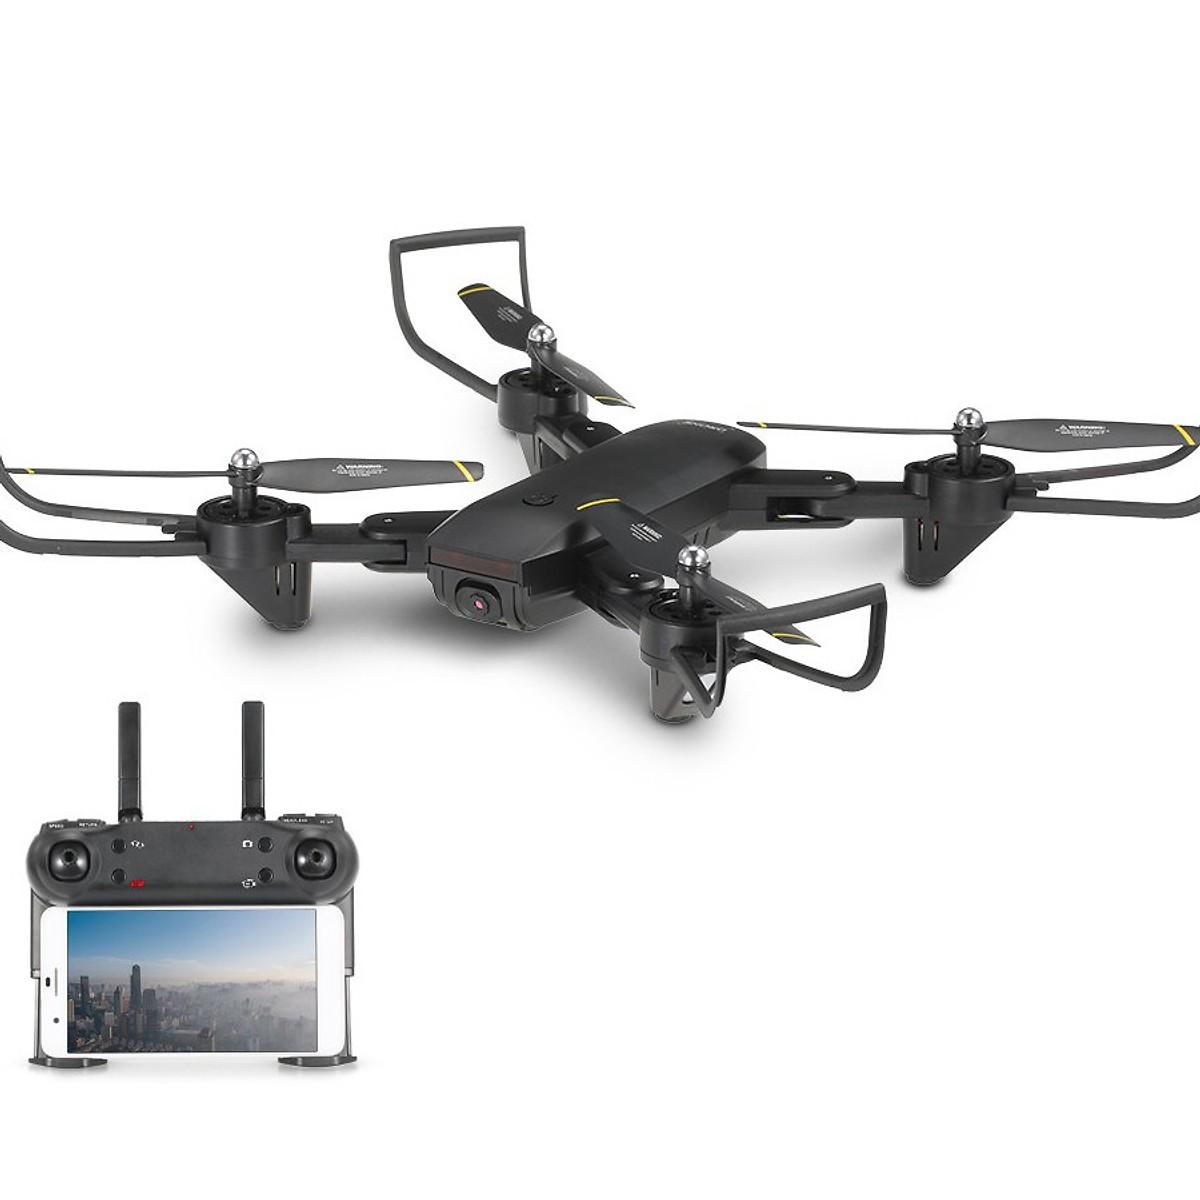 Flycam Drone FPV SG700 Wifi